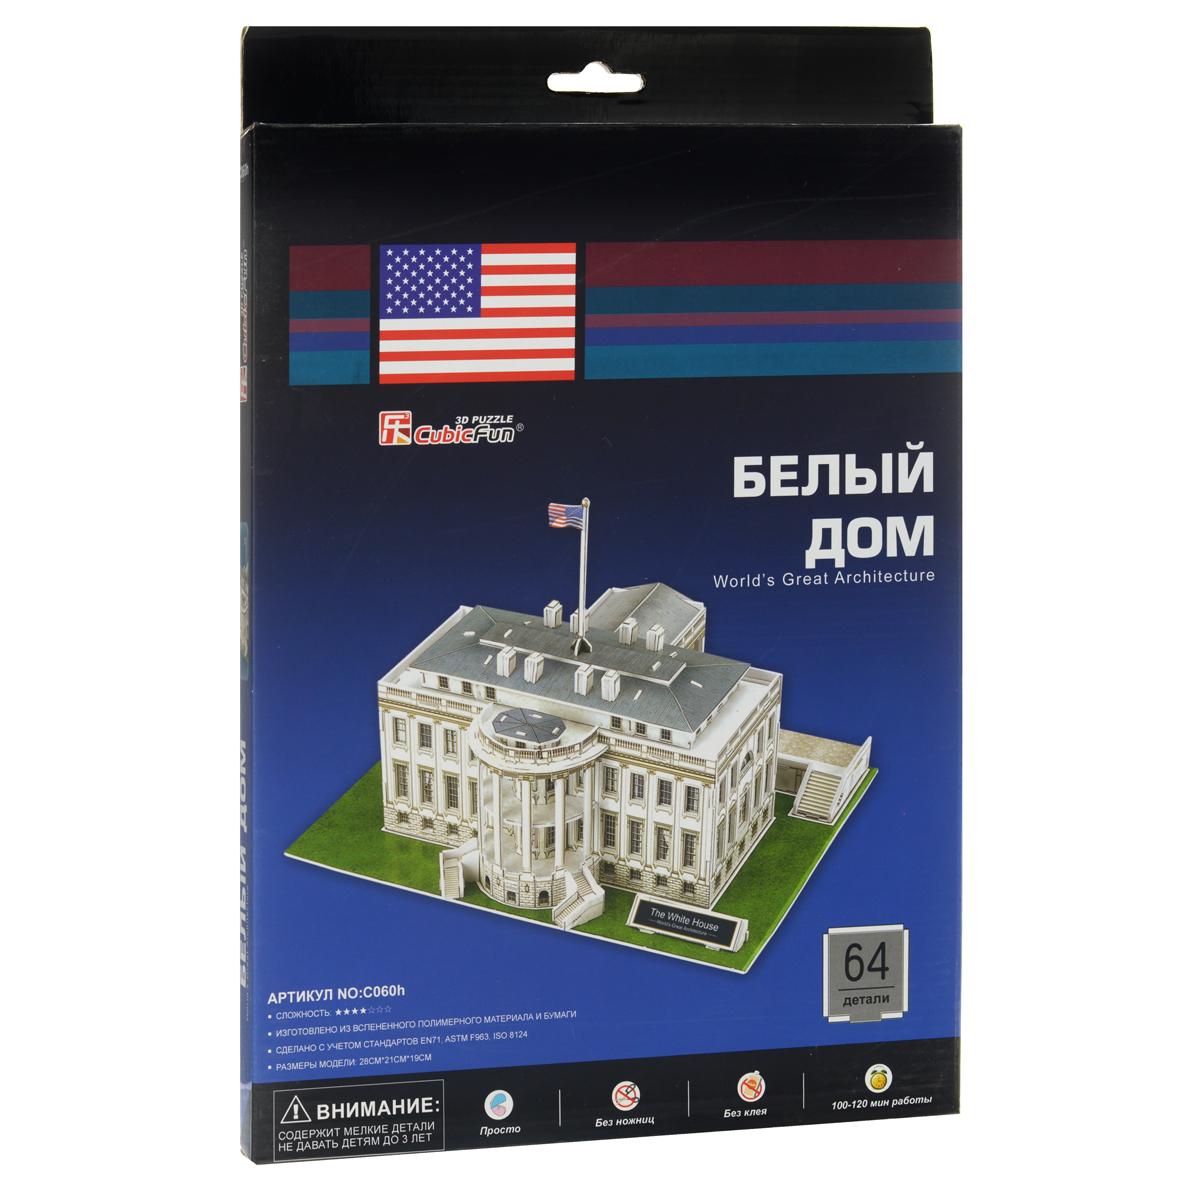 """""""Белый Дом"""" - уникальный конструктор-макет, с которым можно играть как дома, так и на улице. Составные элементы конструктора красочны и достаточно большие для того, чтобы даже маленькому ребенку было удобно и комфортно в него играть. Достаточно просто соединить элементы конструктора, и Вы получите объемную модель здания Белого Дома. Белый дом - резиденция президента США в Вашингтоне. Представляет собой особняк в палладианском стиле (архитектор Джеймс Хобан). Строительство началось в 1792, окончилось 1 ноября 1800. В этот же день первым его хозяином стал второй президент США Джон Адамс. Белый Дом первоначально именовался """"Президентский дворец"""" или """"Президентский особняк"""", первое разговорное употребление термина """"Белый дом"""" относится к 1811. Официальным название стало лишь в 1901 по распоряжению Теодора Рузвельта. С 1909 рабочее место президента находится в Овальном кабинете в левом крыле здания. В журналистском языке термин """"Белый дом"""" употребляется как синоним..."""